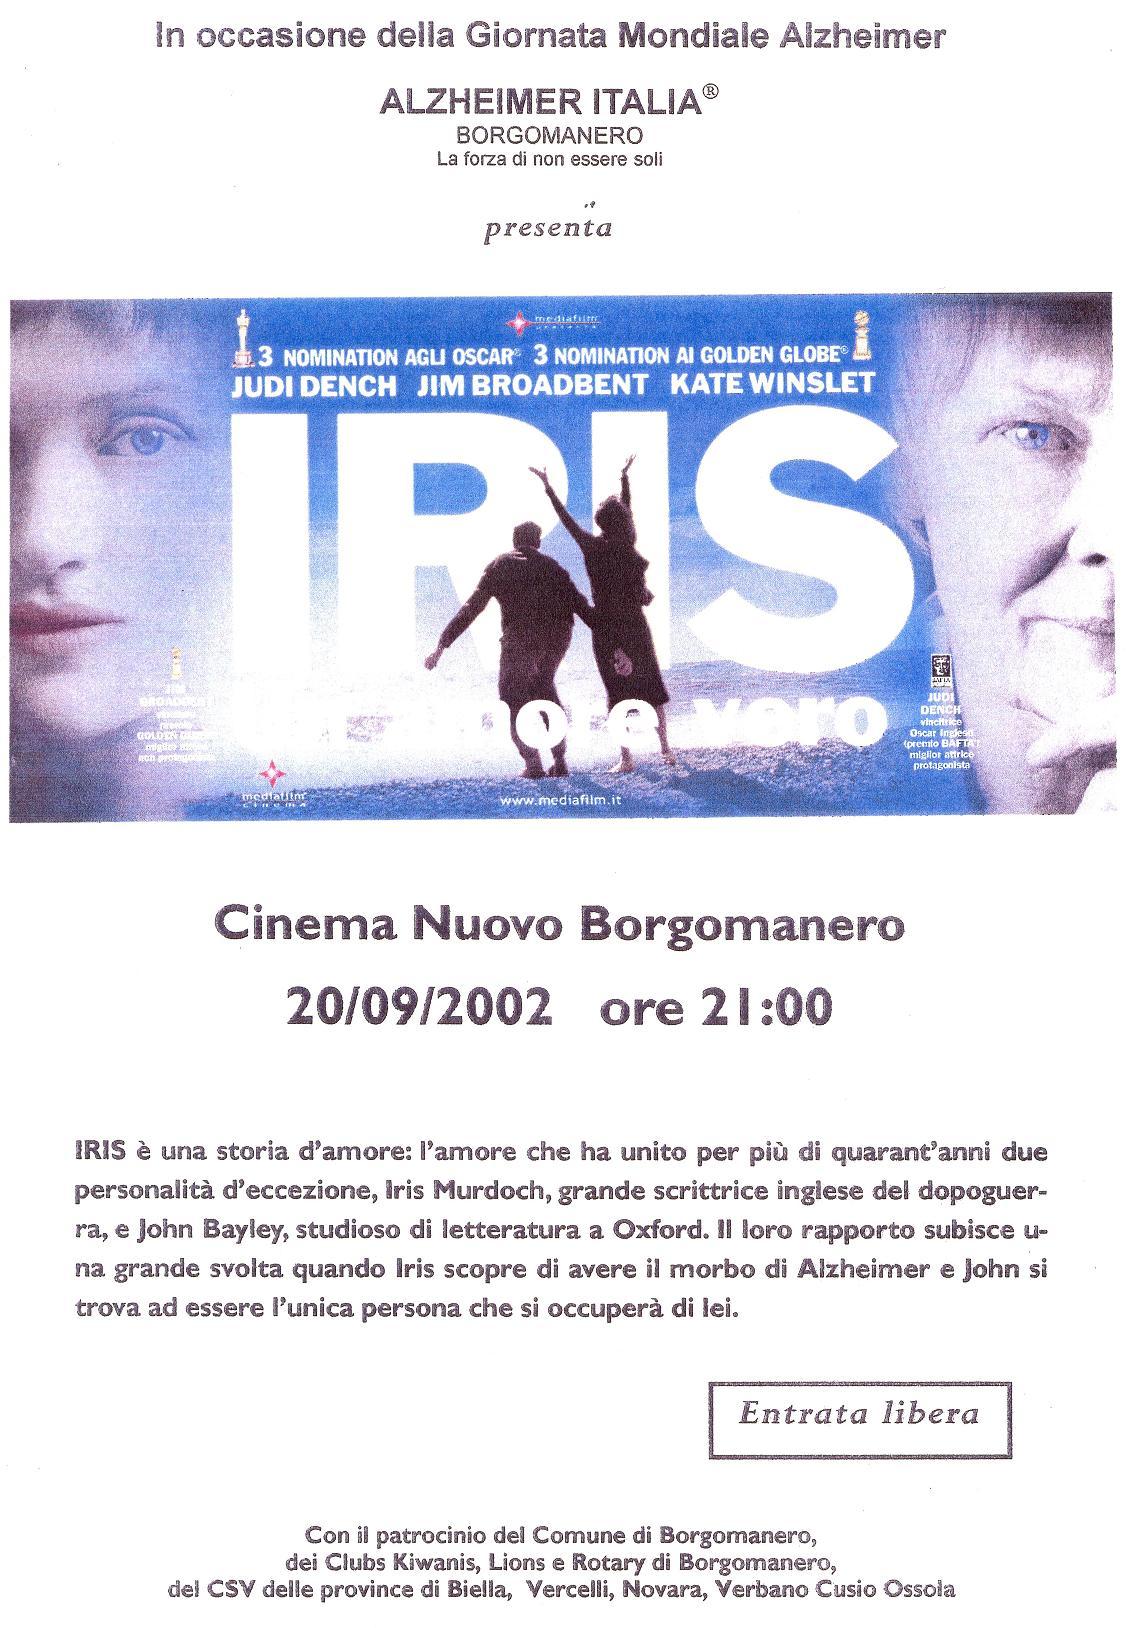 aB-20020920 - FILM